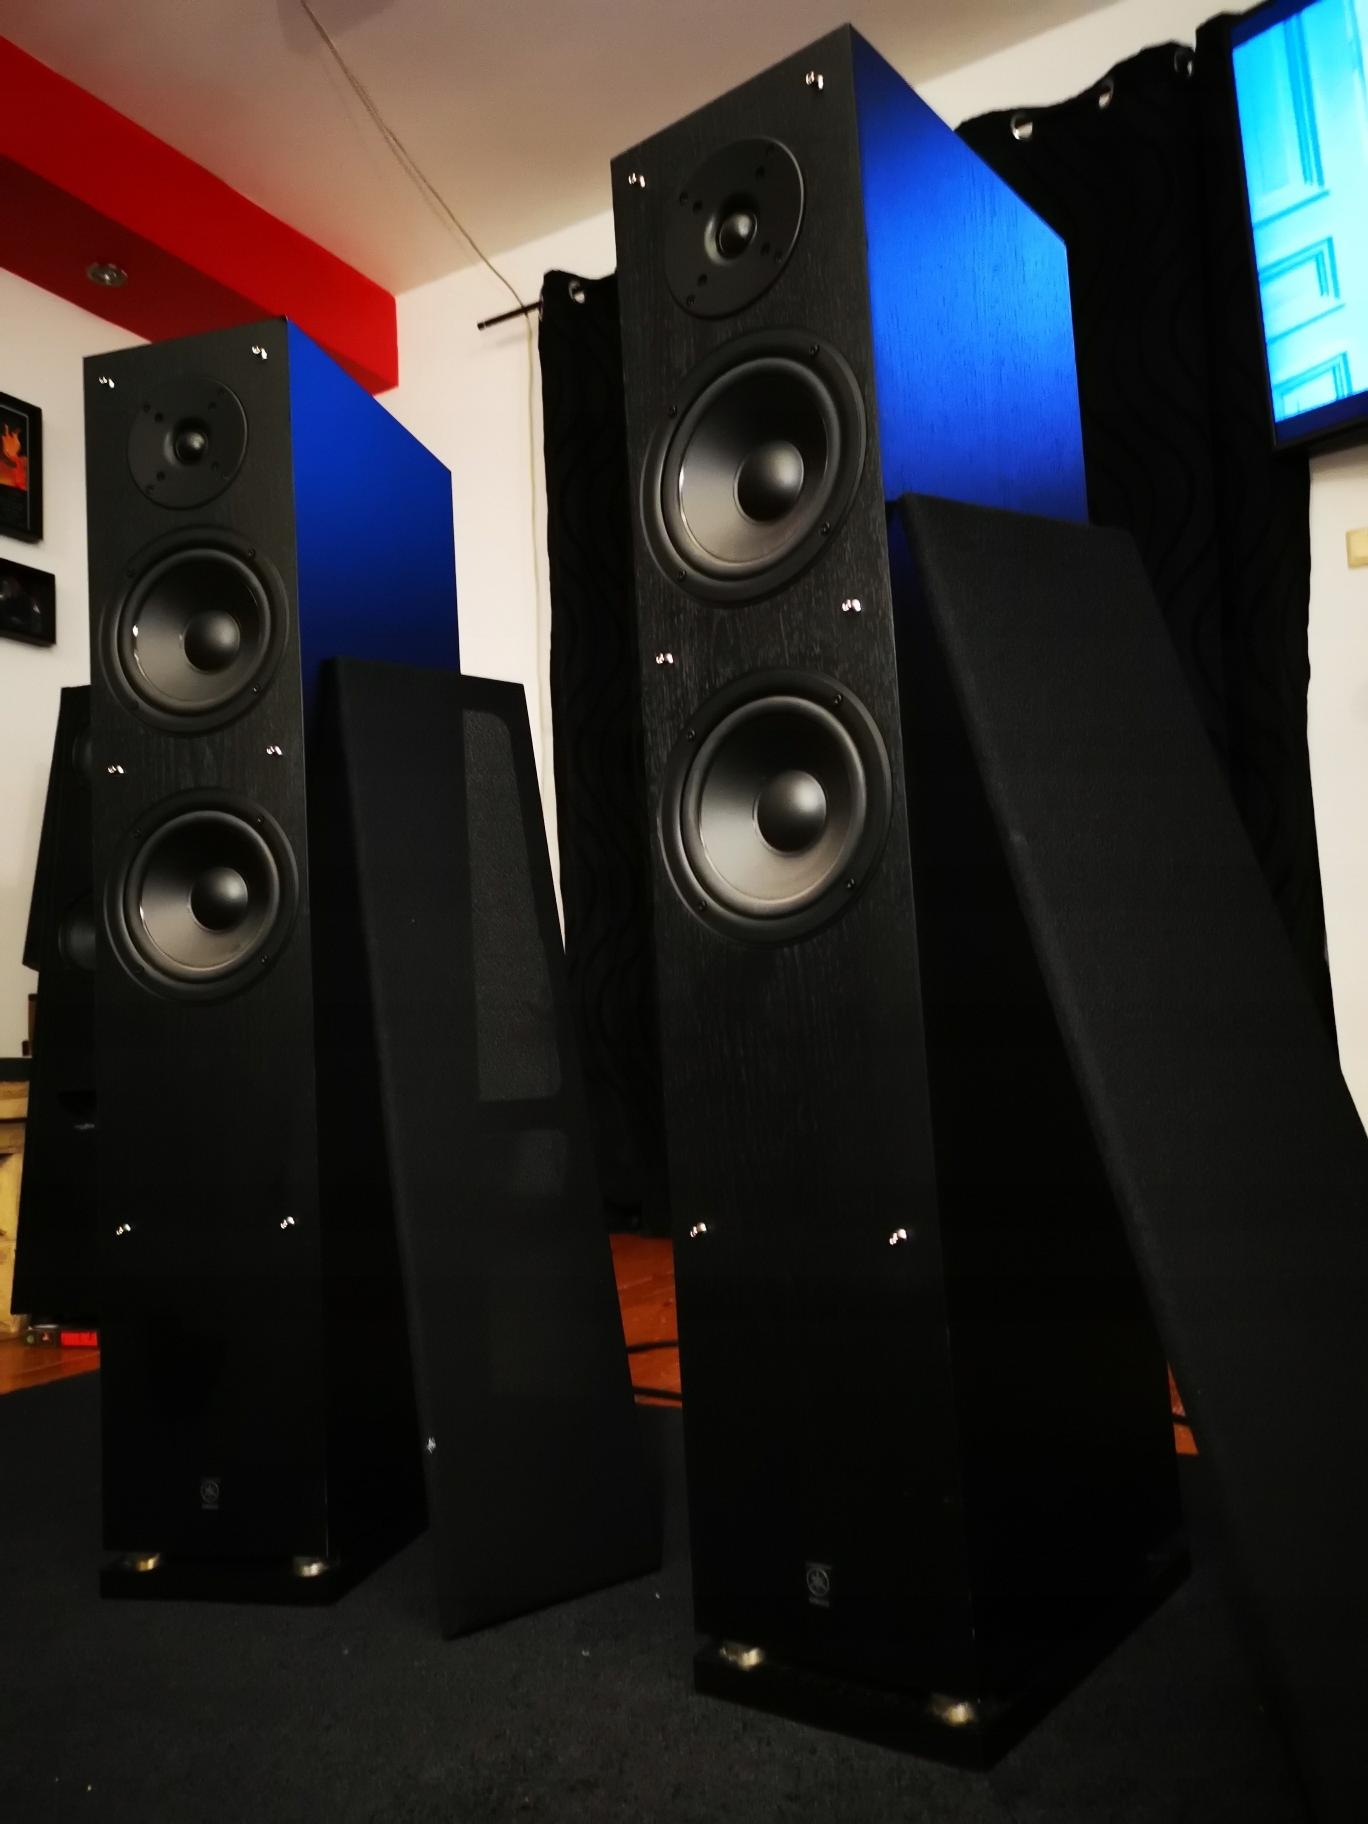 Kolumny podłogowe Yamaha NS-7900 - stereo / front